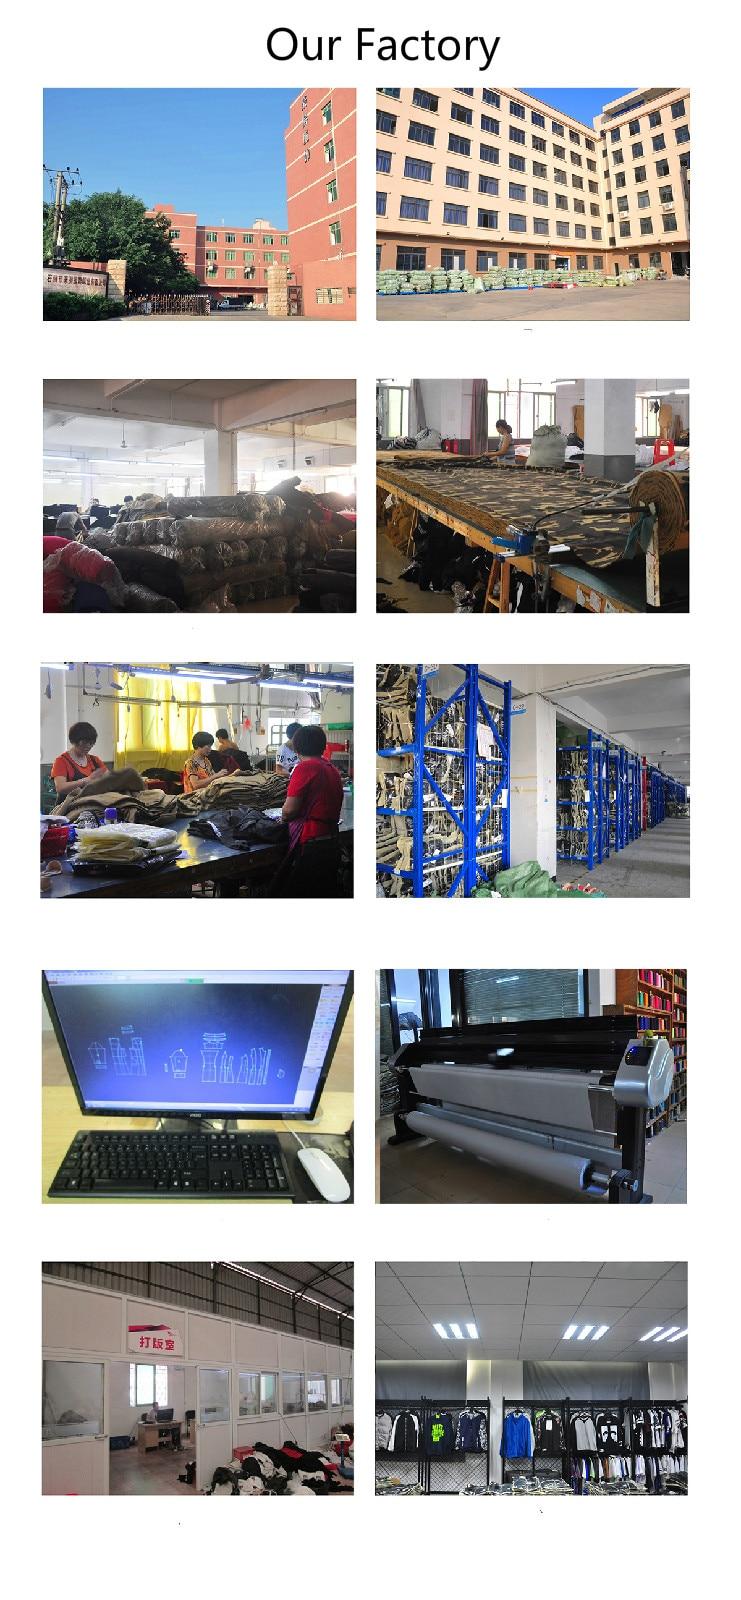 我们的工厂